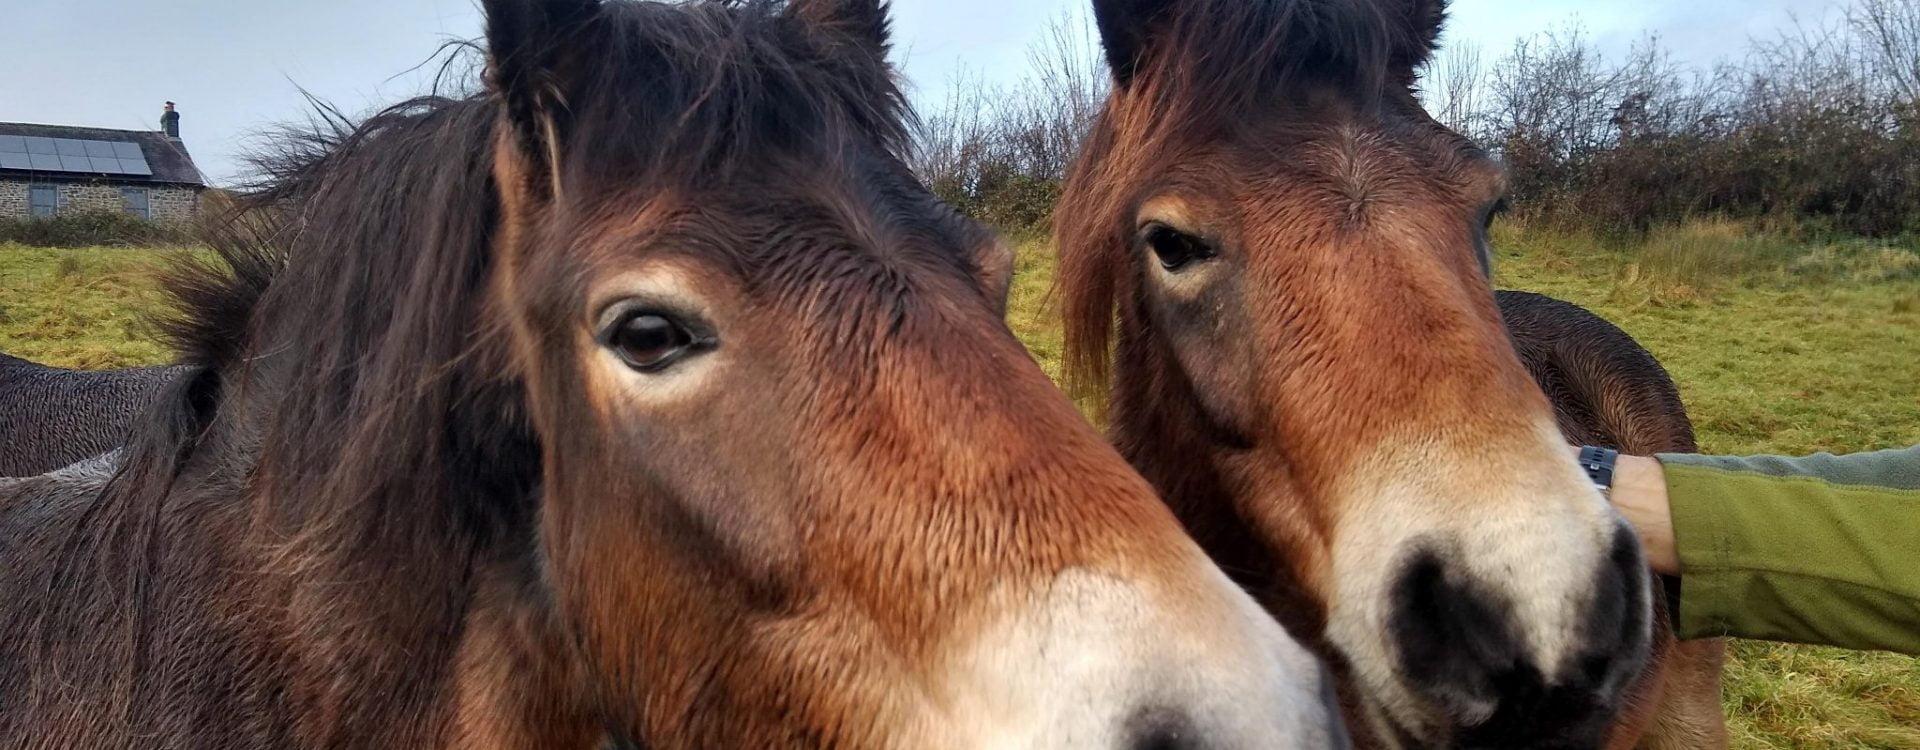 Gypsy & Rosemarie, Exmoor ponies